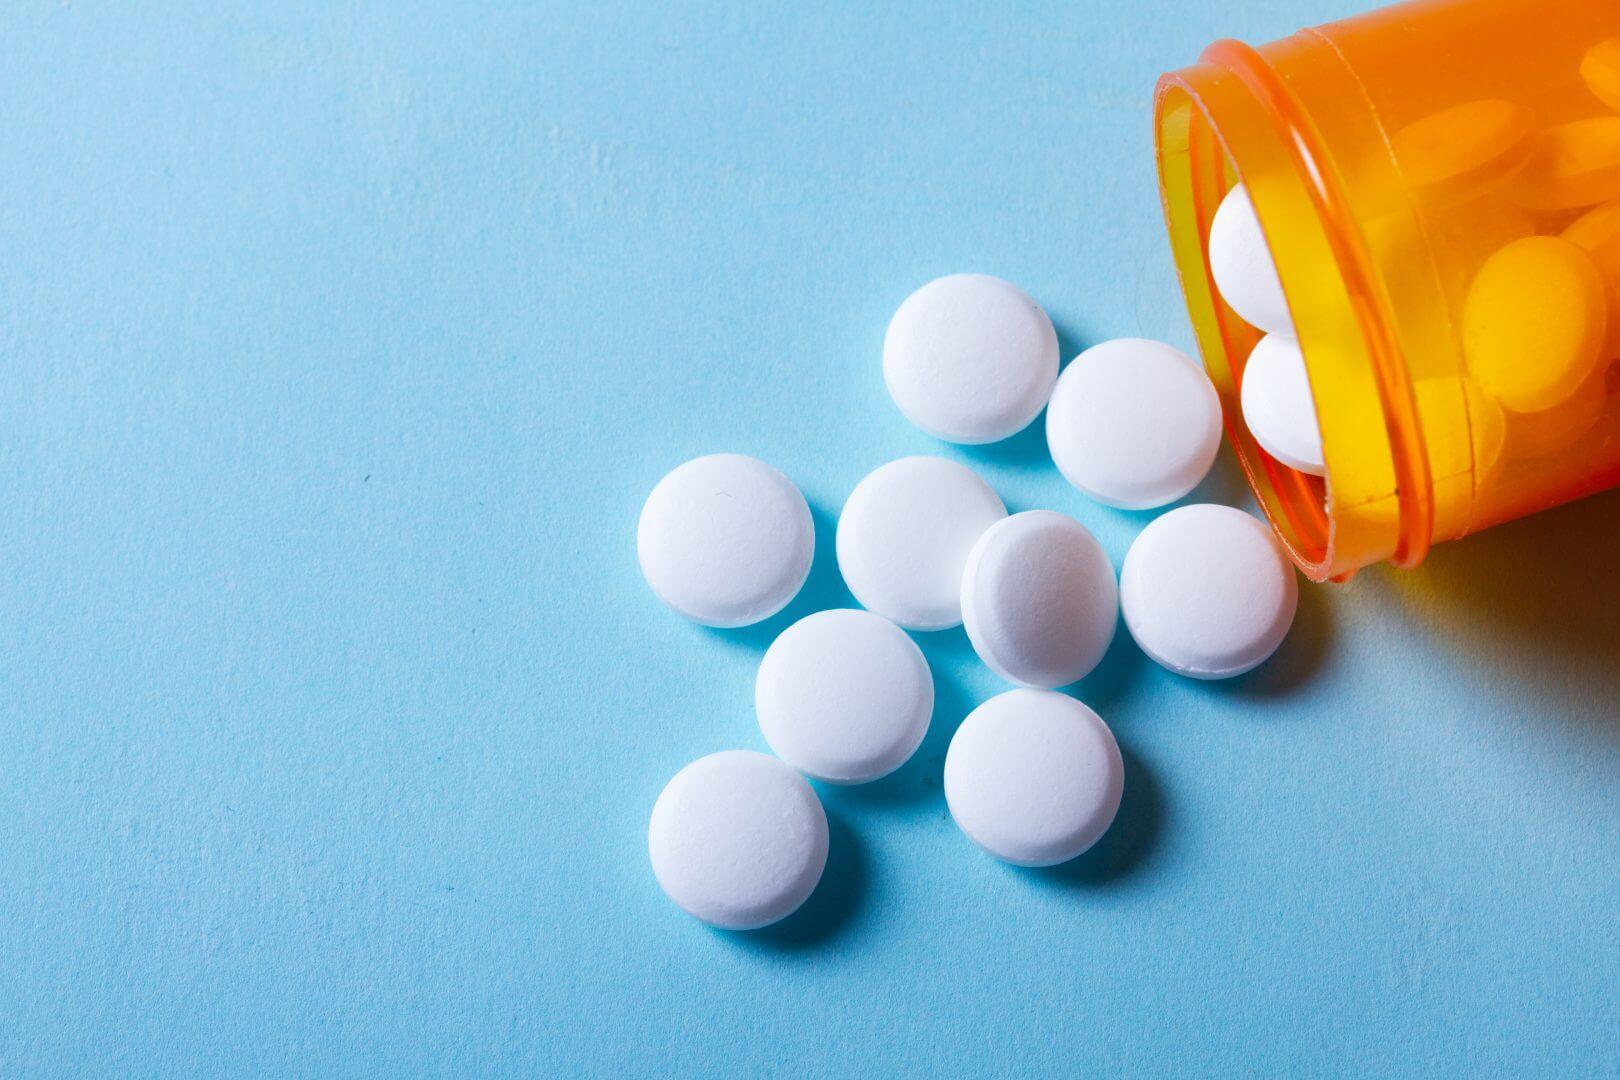 medicin mod acne